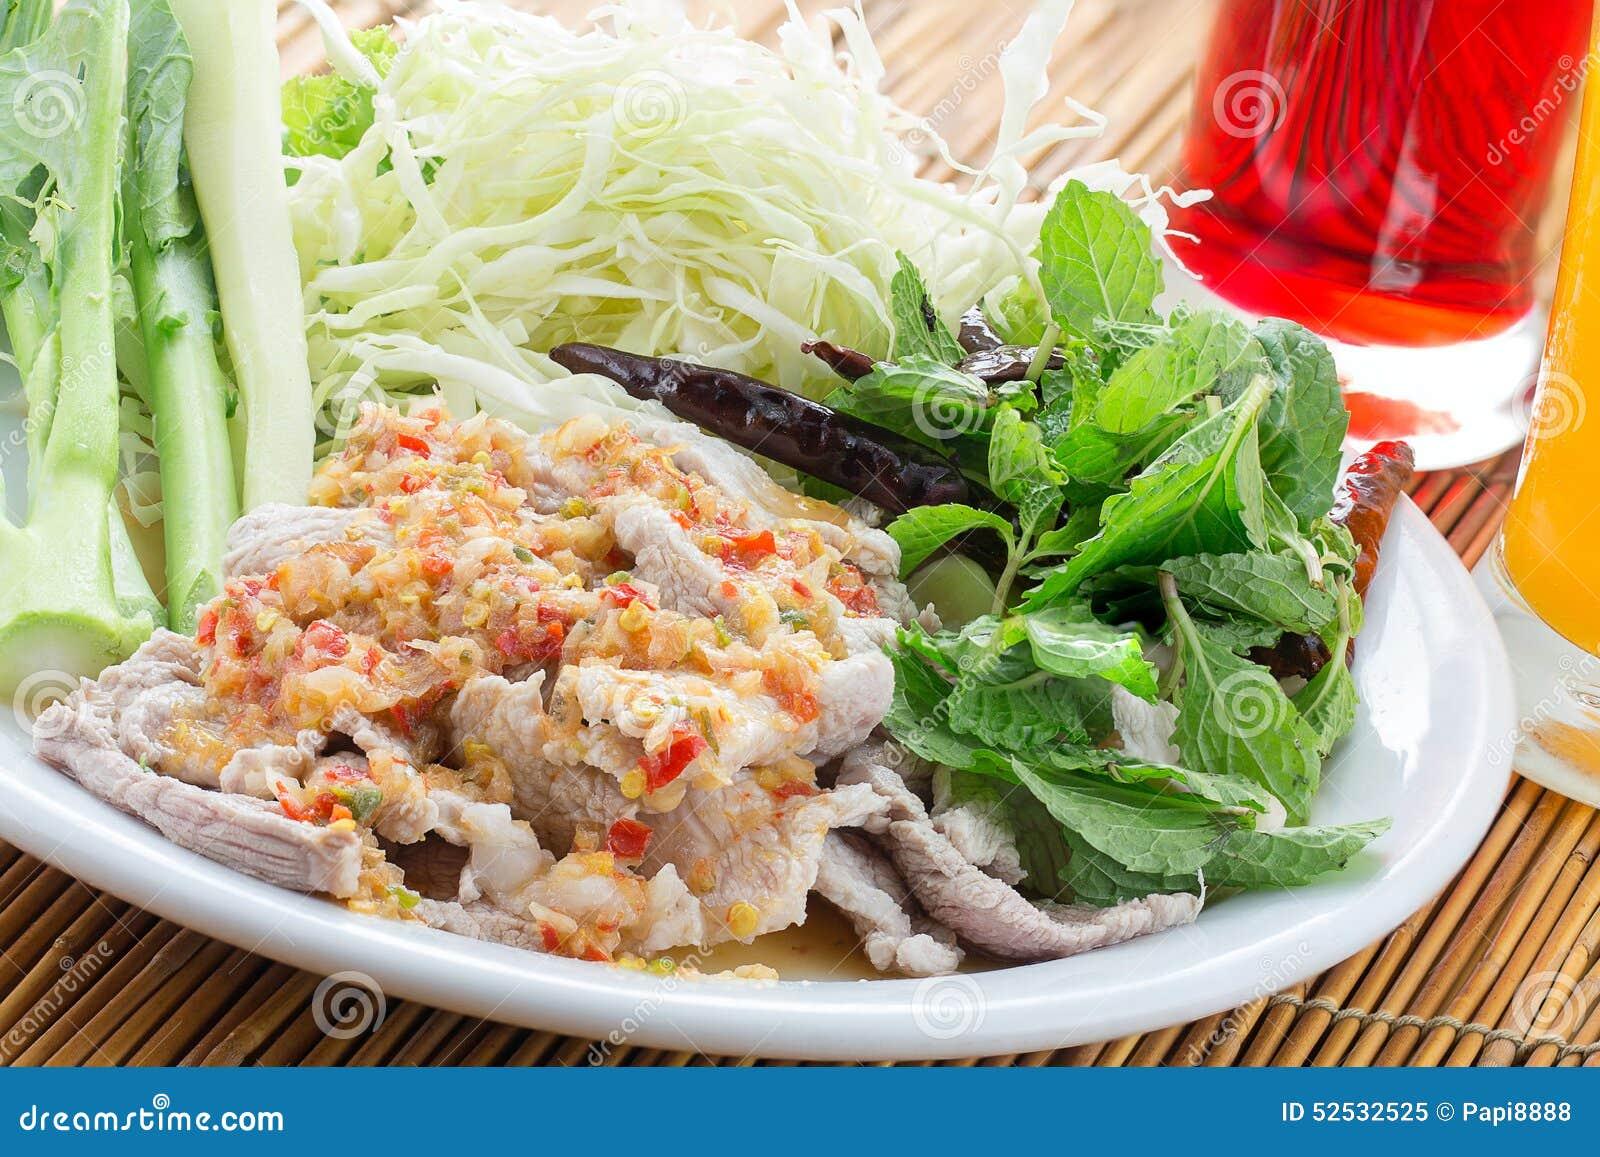 Βρασμένο χοιρινό κρέας με τη σάλτσα ασβέστη, σκόρδου και τσίλι